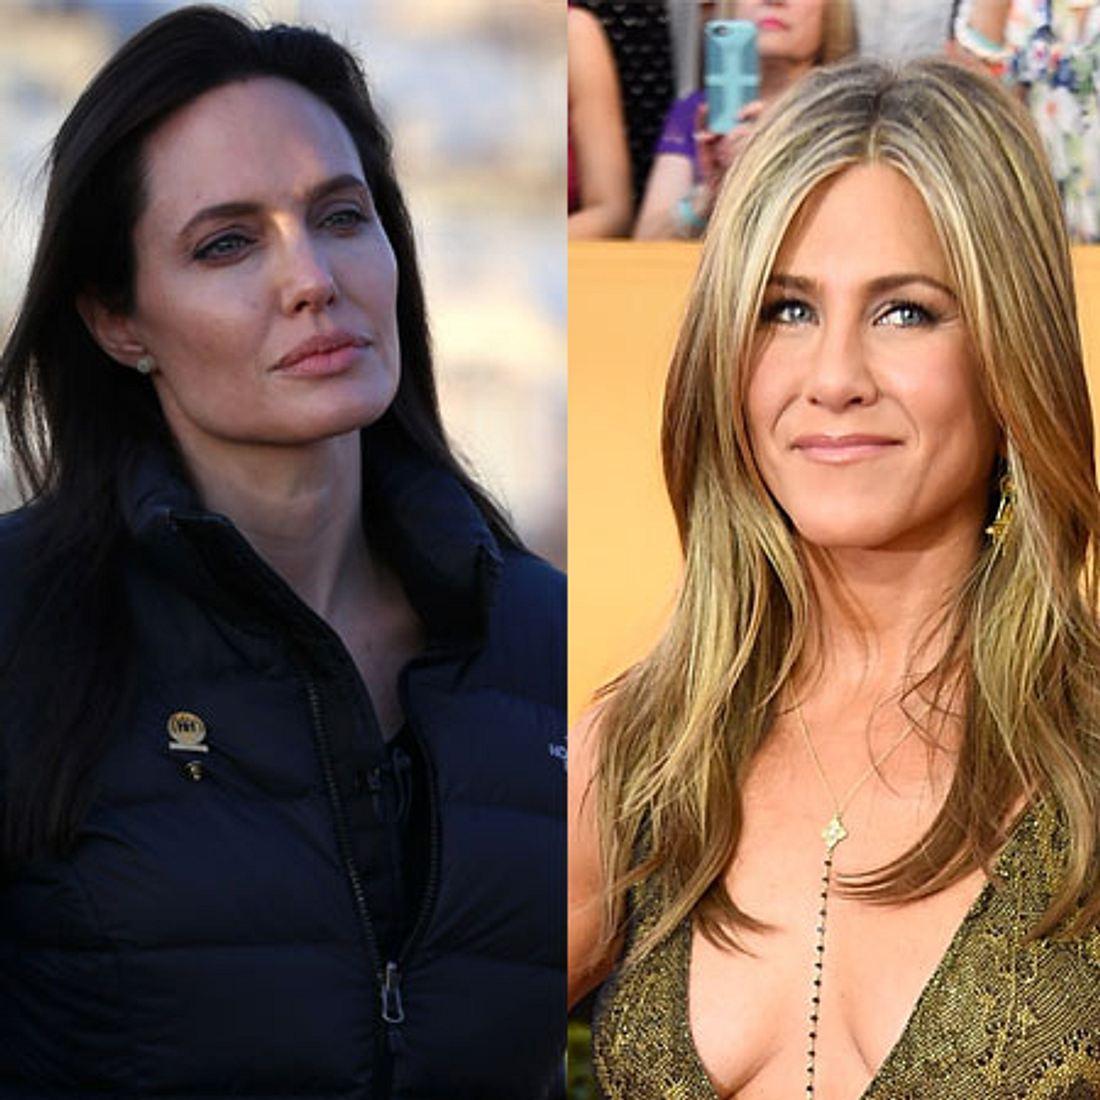 Jennifer Aniston schnappt sich den Vater von Angelina Jolie!